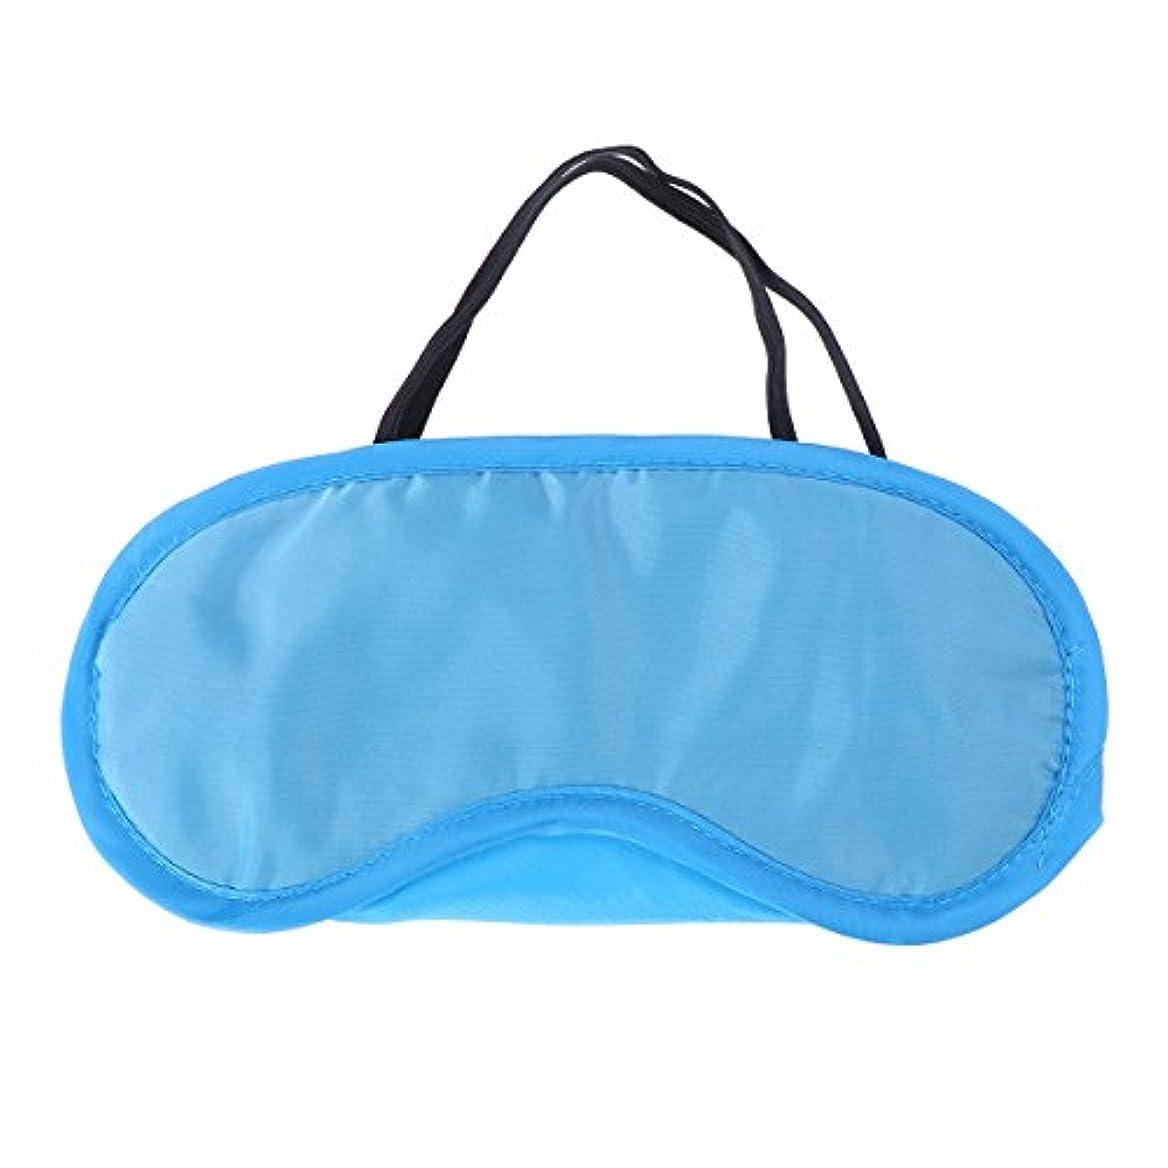 個人新年判読できないHEALIFTY 軽量で快適な睡眠のための調整可能なアイマスク(旅行用スカイブルー)